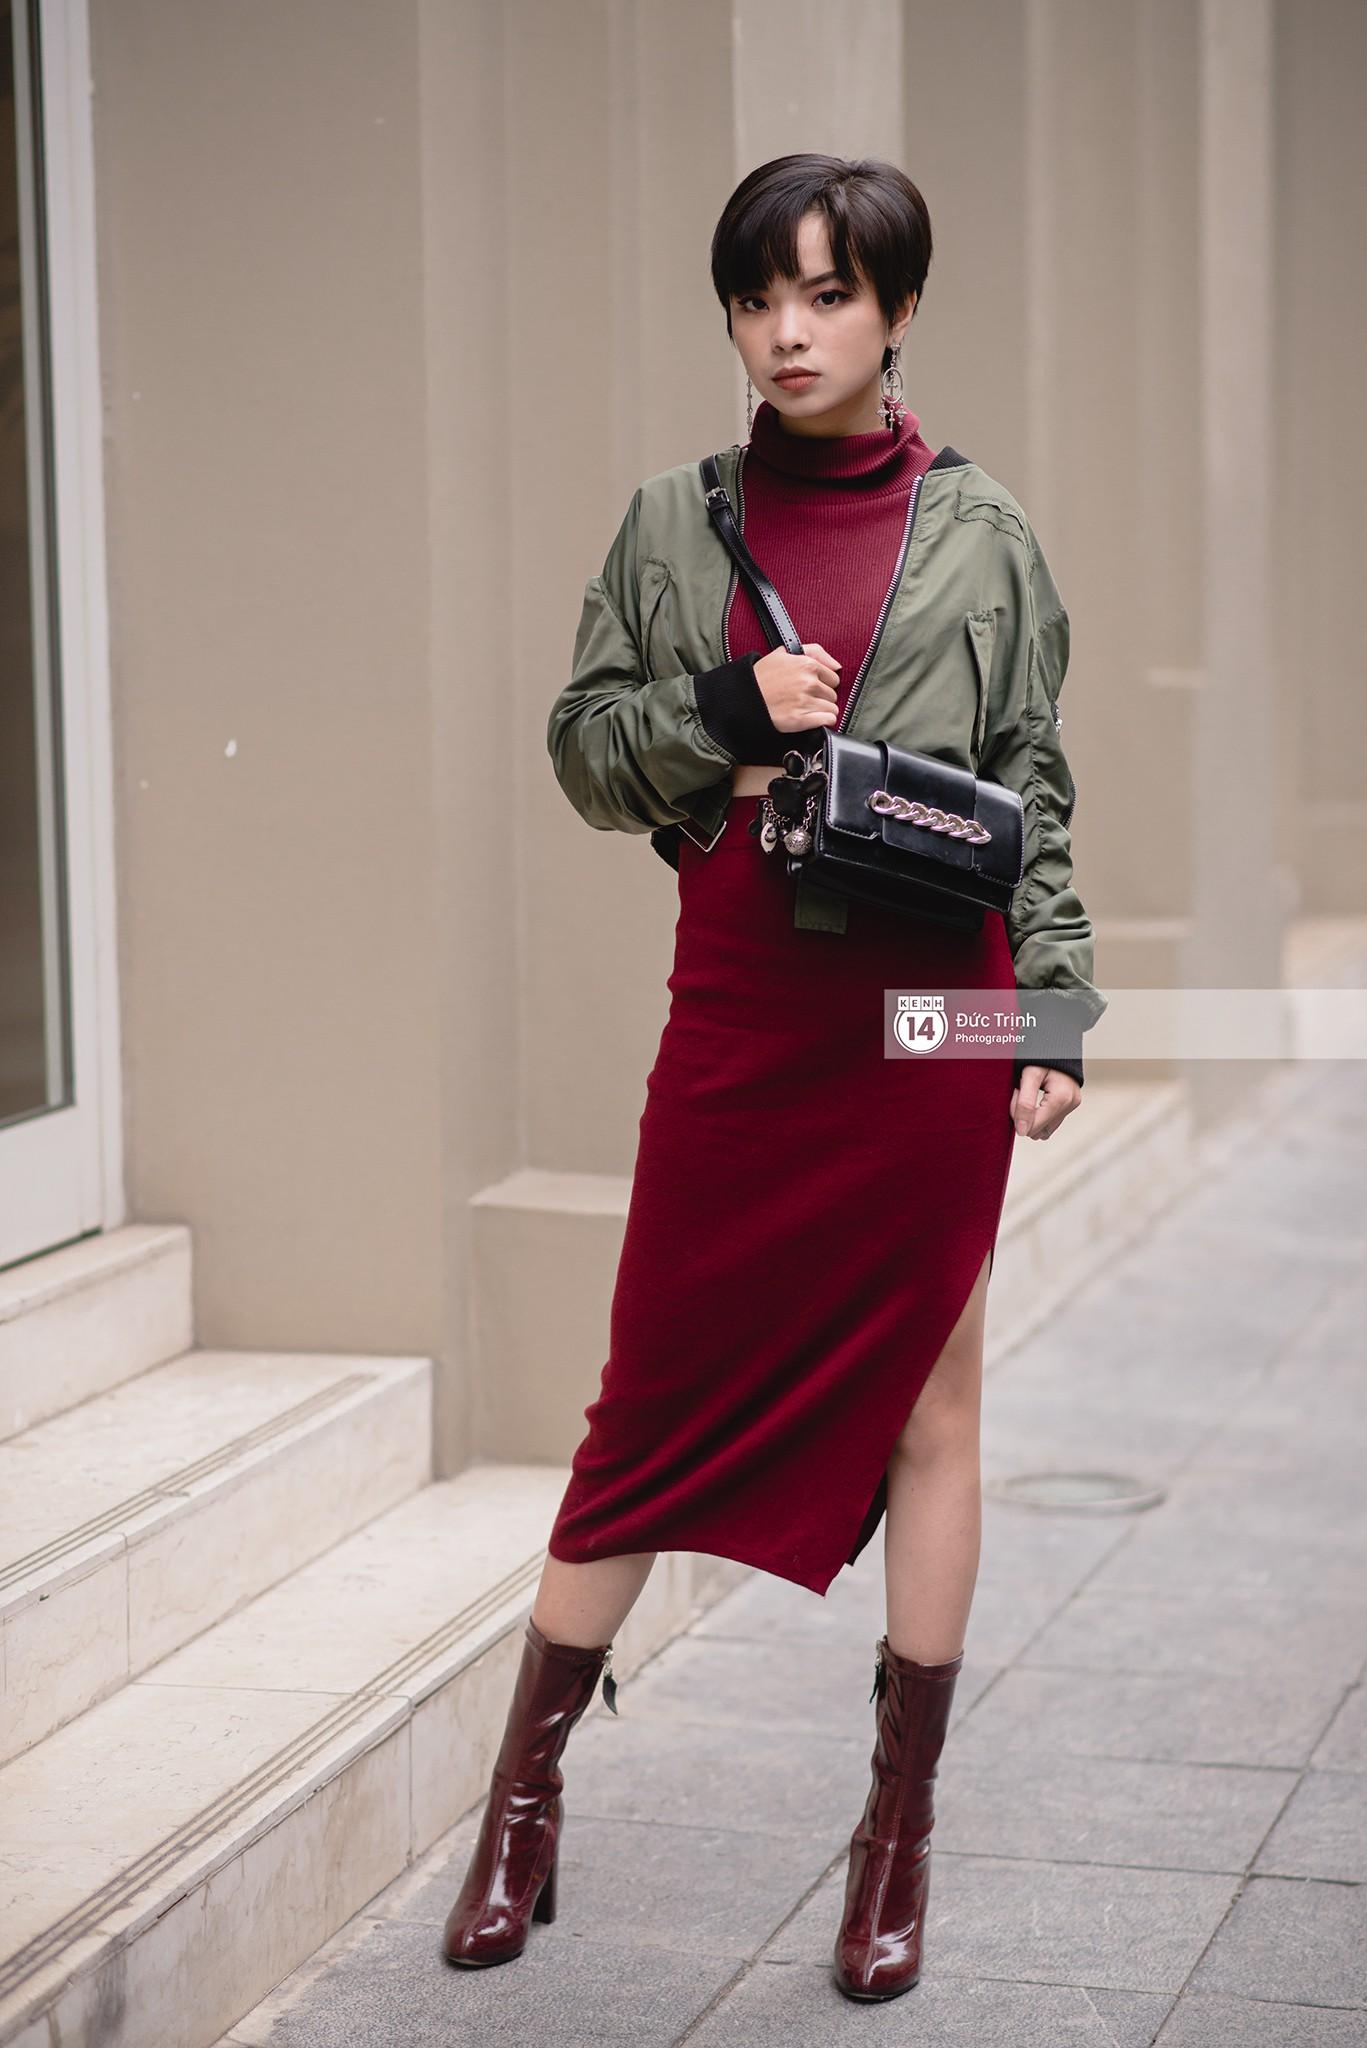 Street style 2 miền: biker jacket, màu đỏ và chân váy mini là 3 thần chú trong từ điển mix đồ của giới trẻ - Ảnh 3.